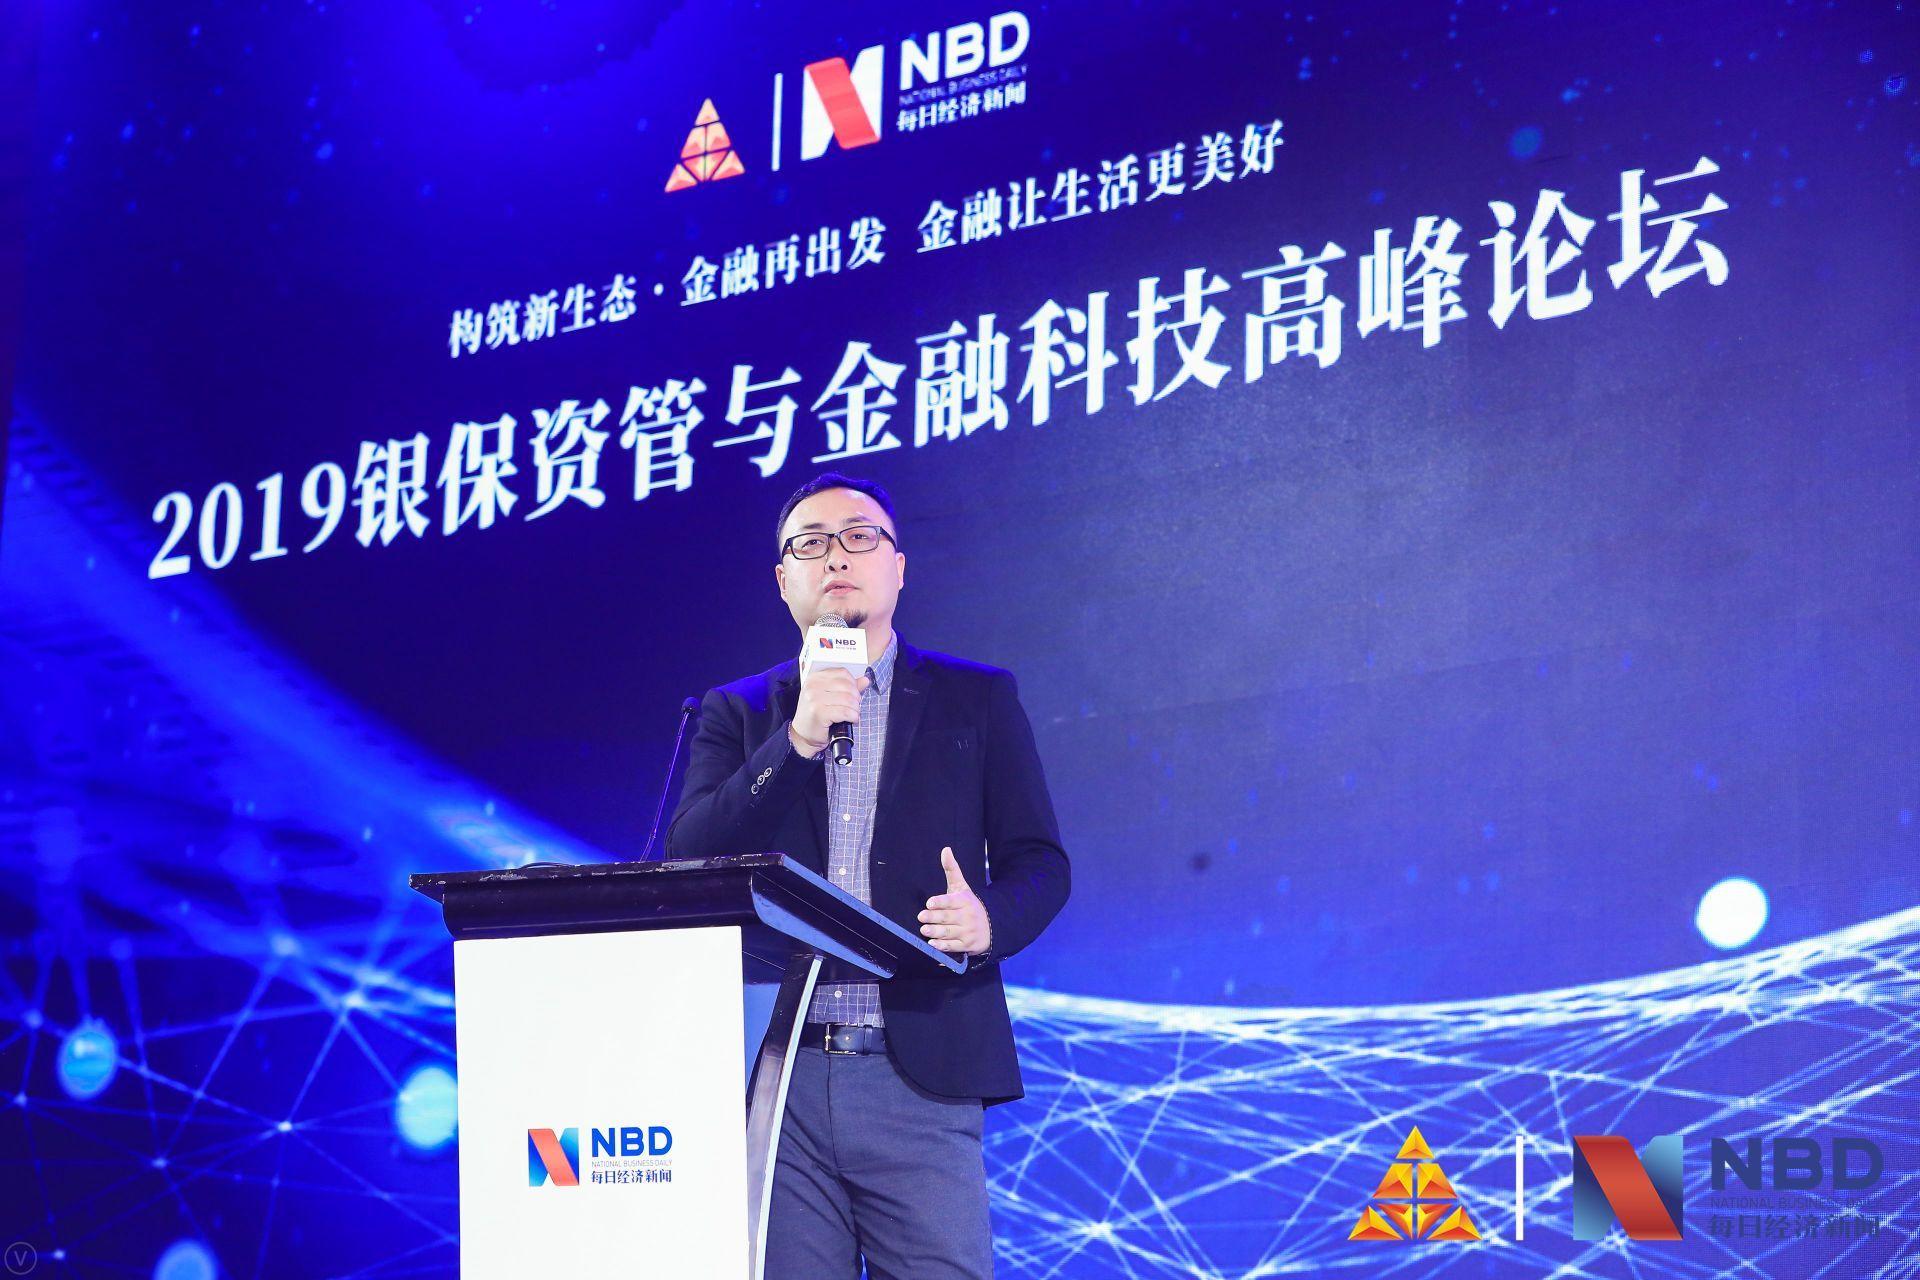 北京互金协会常务副秘书长张羽:金融科技的核心应该是科技金融科技和监管不能失衡(附演讲全文)